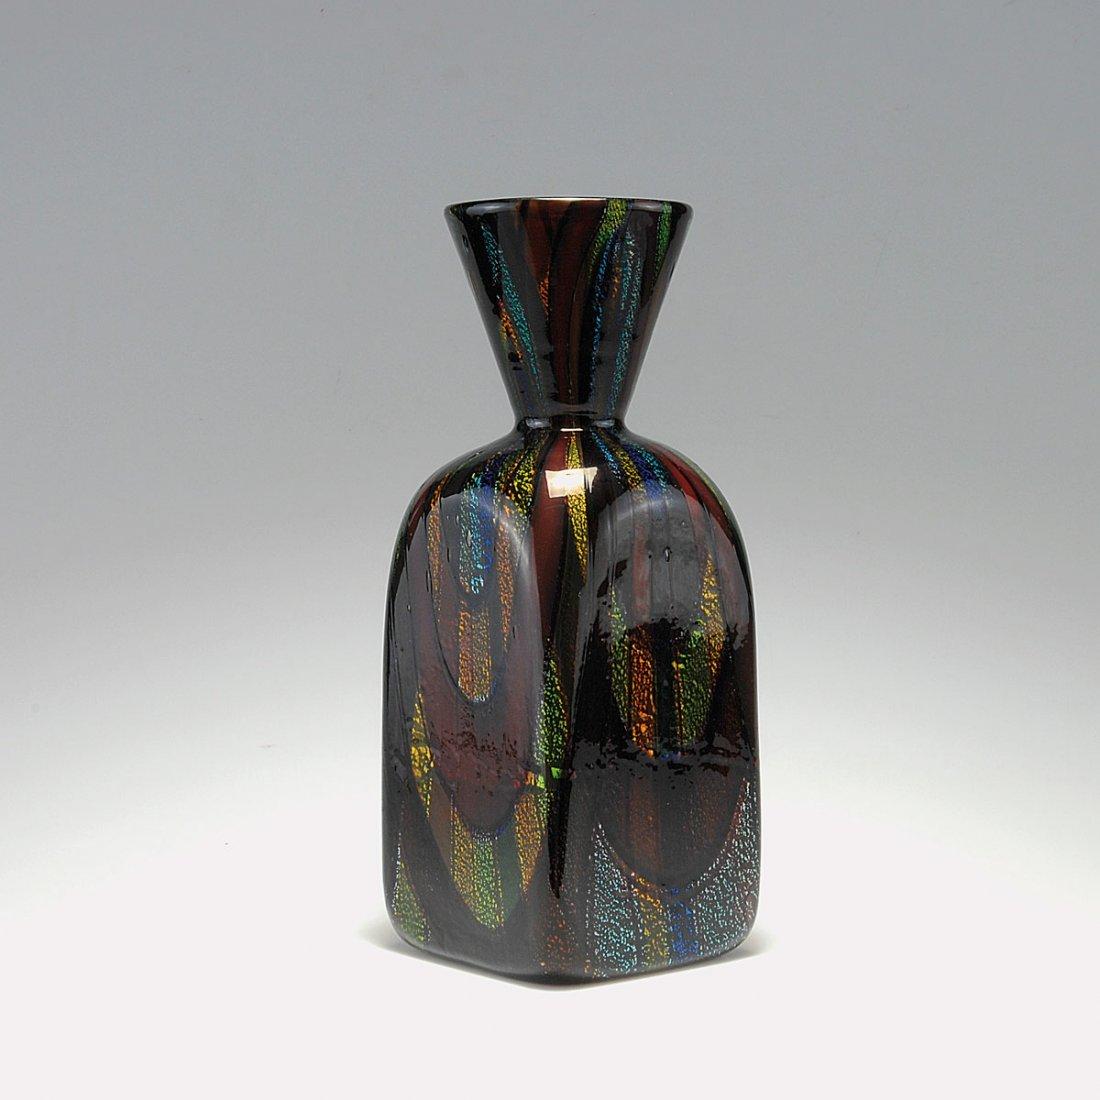 'Oriente' vase